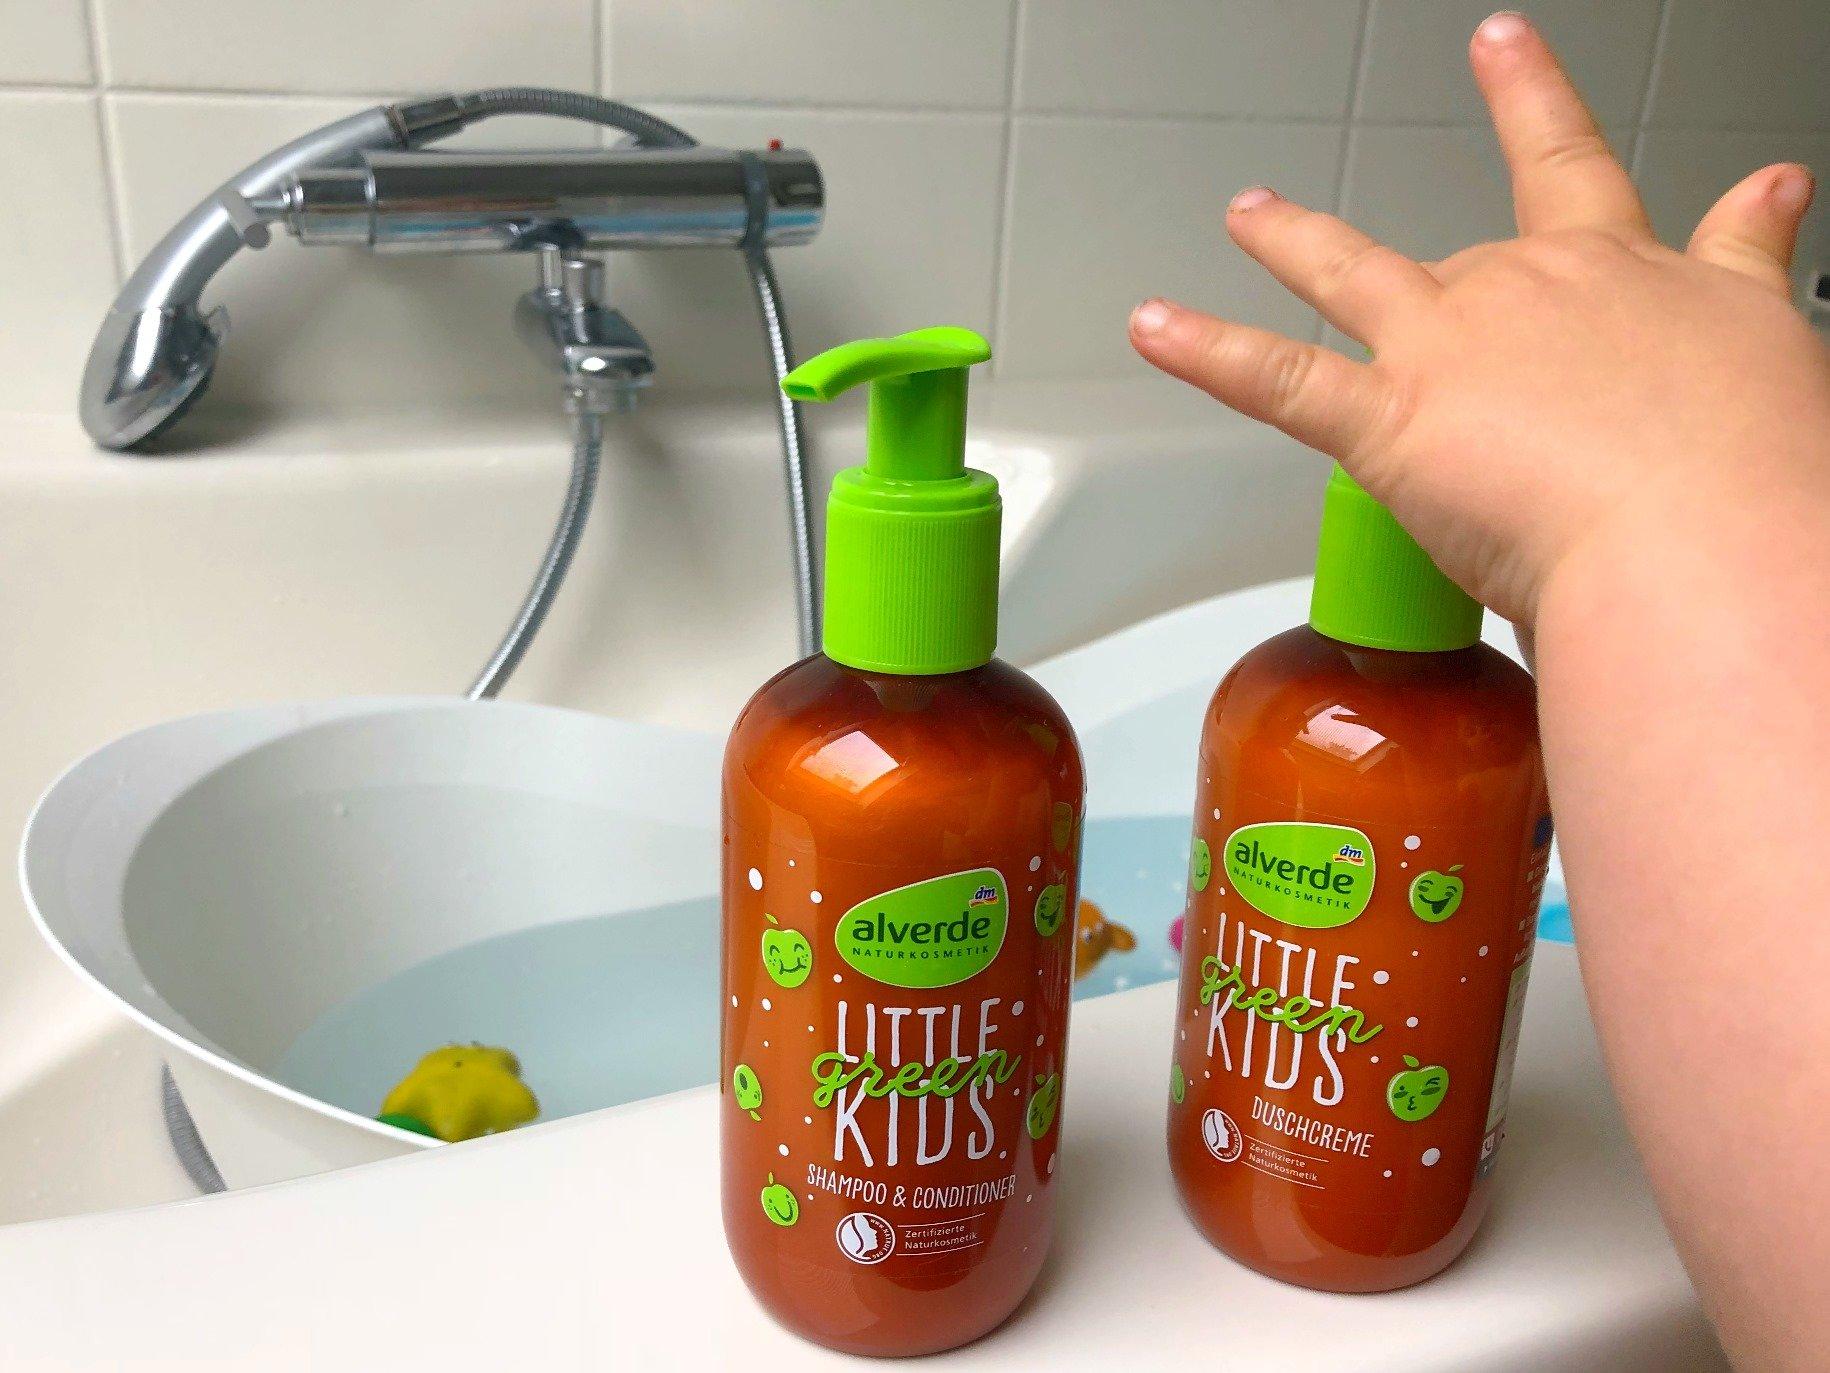 Foto 17.05.18 18 54 33 - Welche Badeprodukte für das Kind werden benötigt?